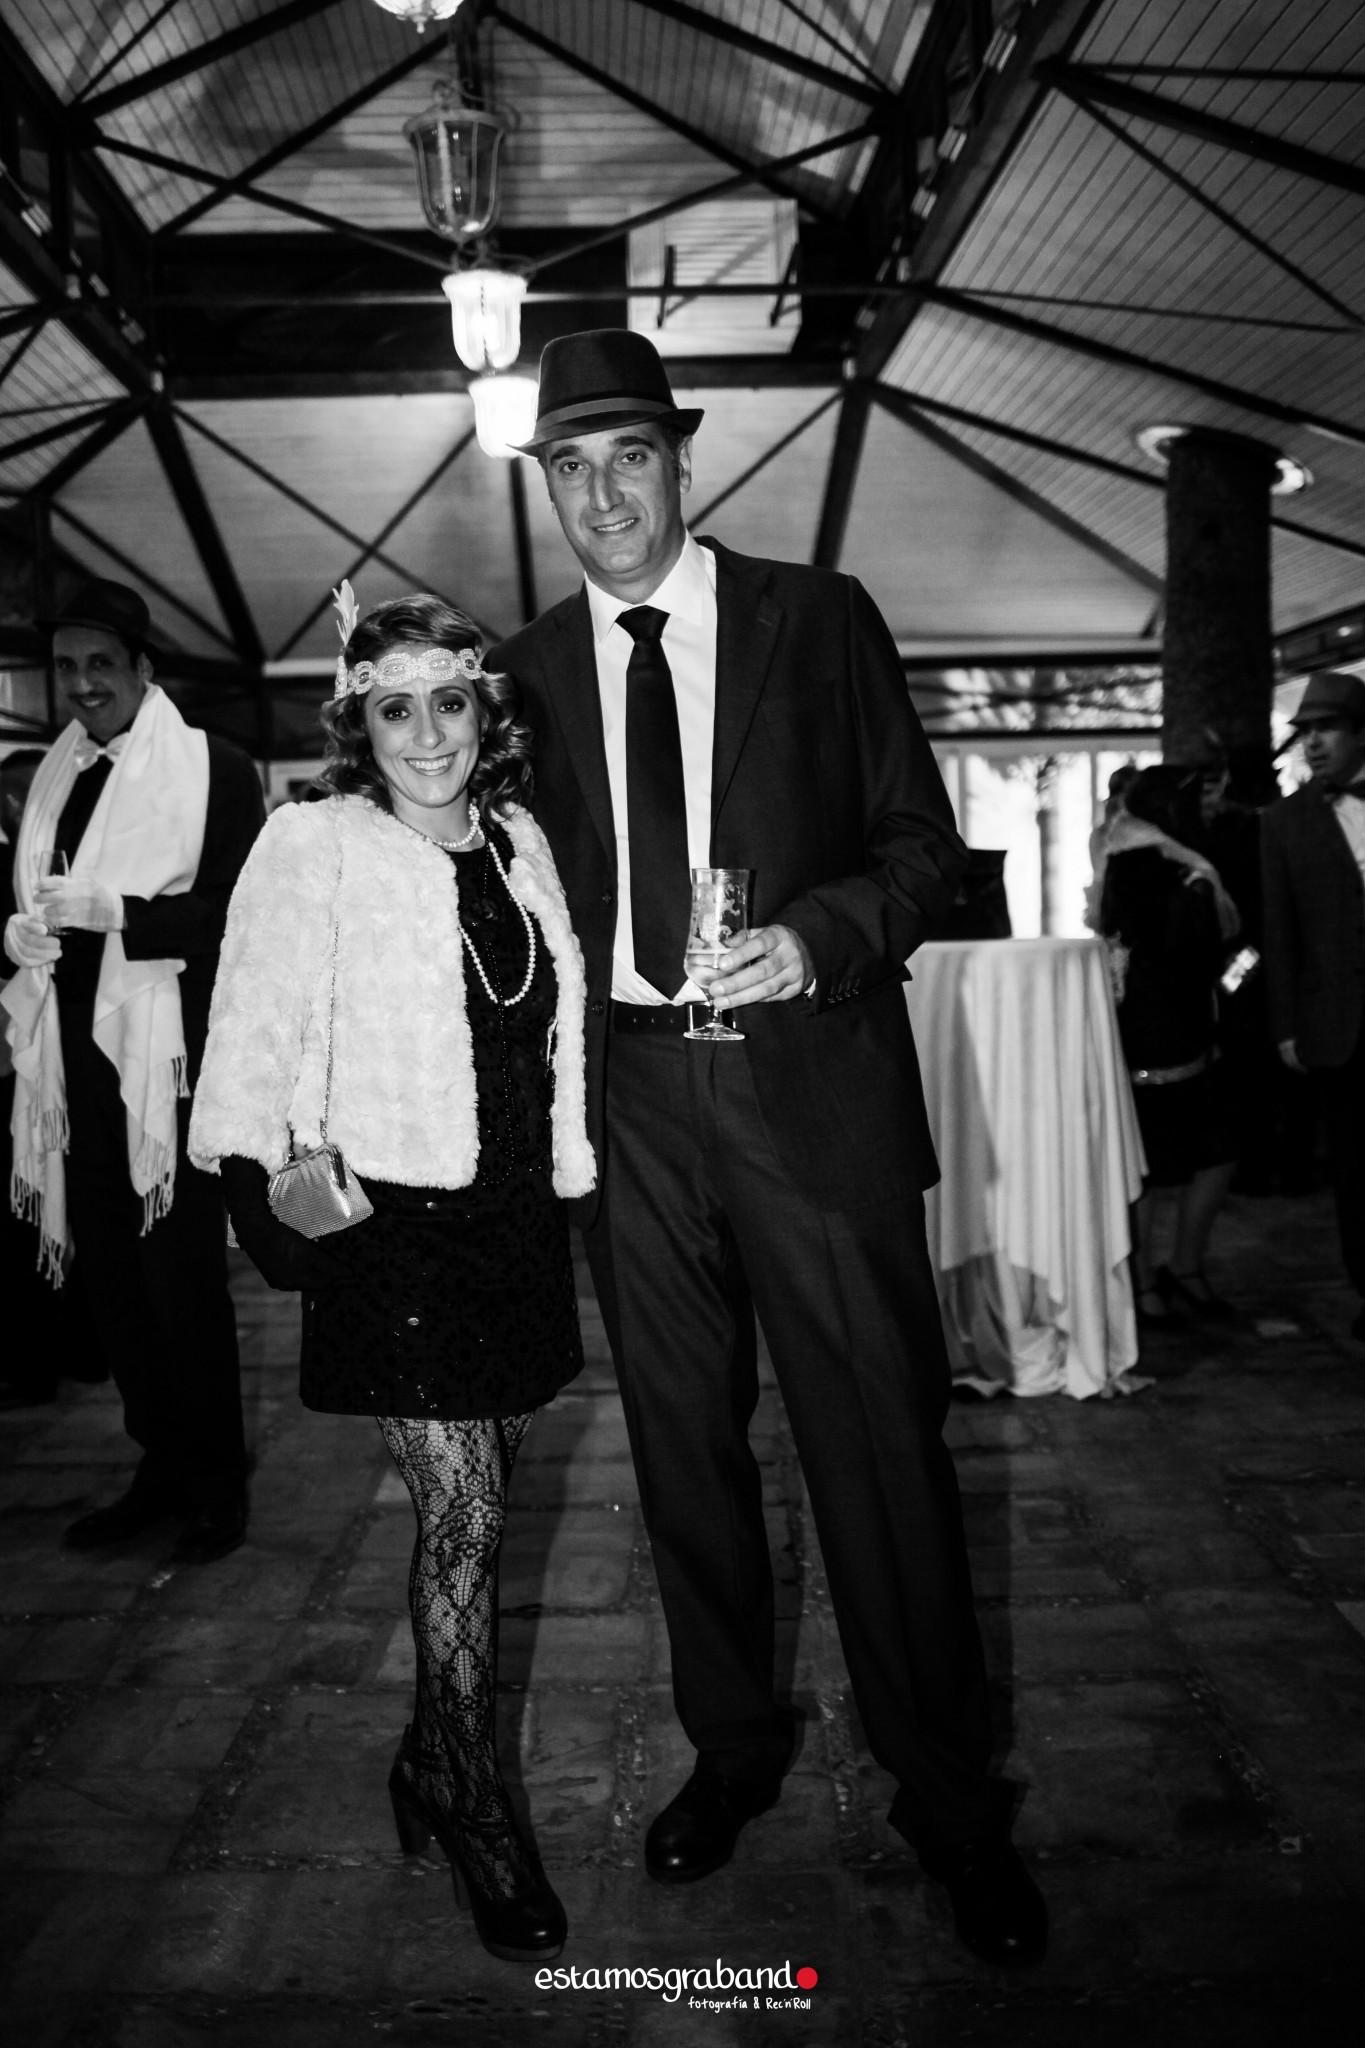 Años-20-BBTP-37-de-109 Los locos Años 20 [Fotografía en La Teta de Julieta, Cádiz] - video boda cadiz